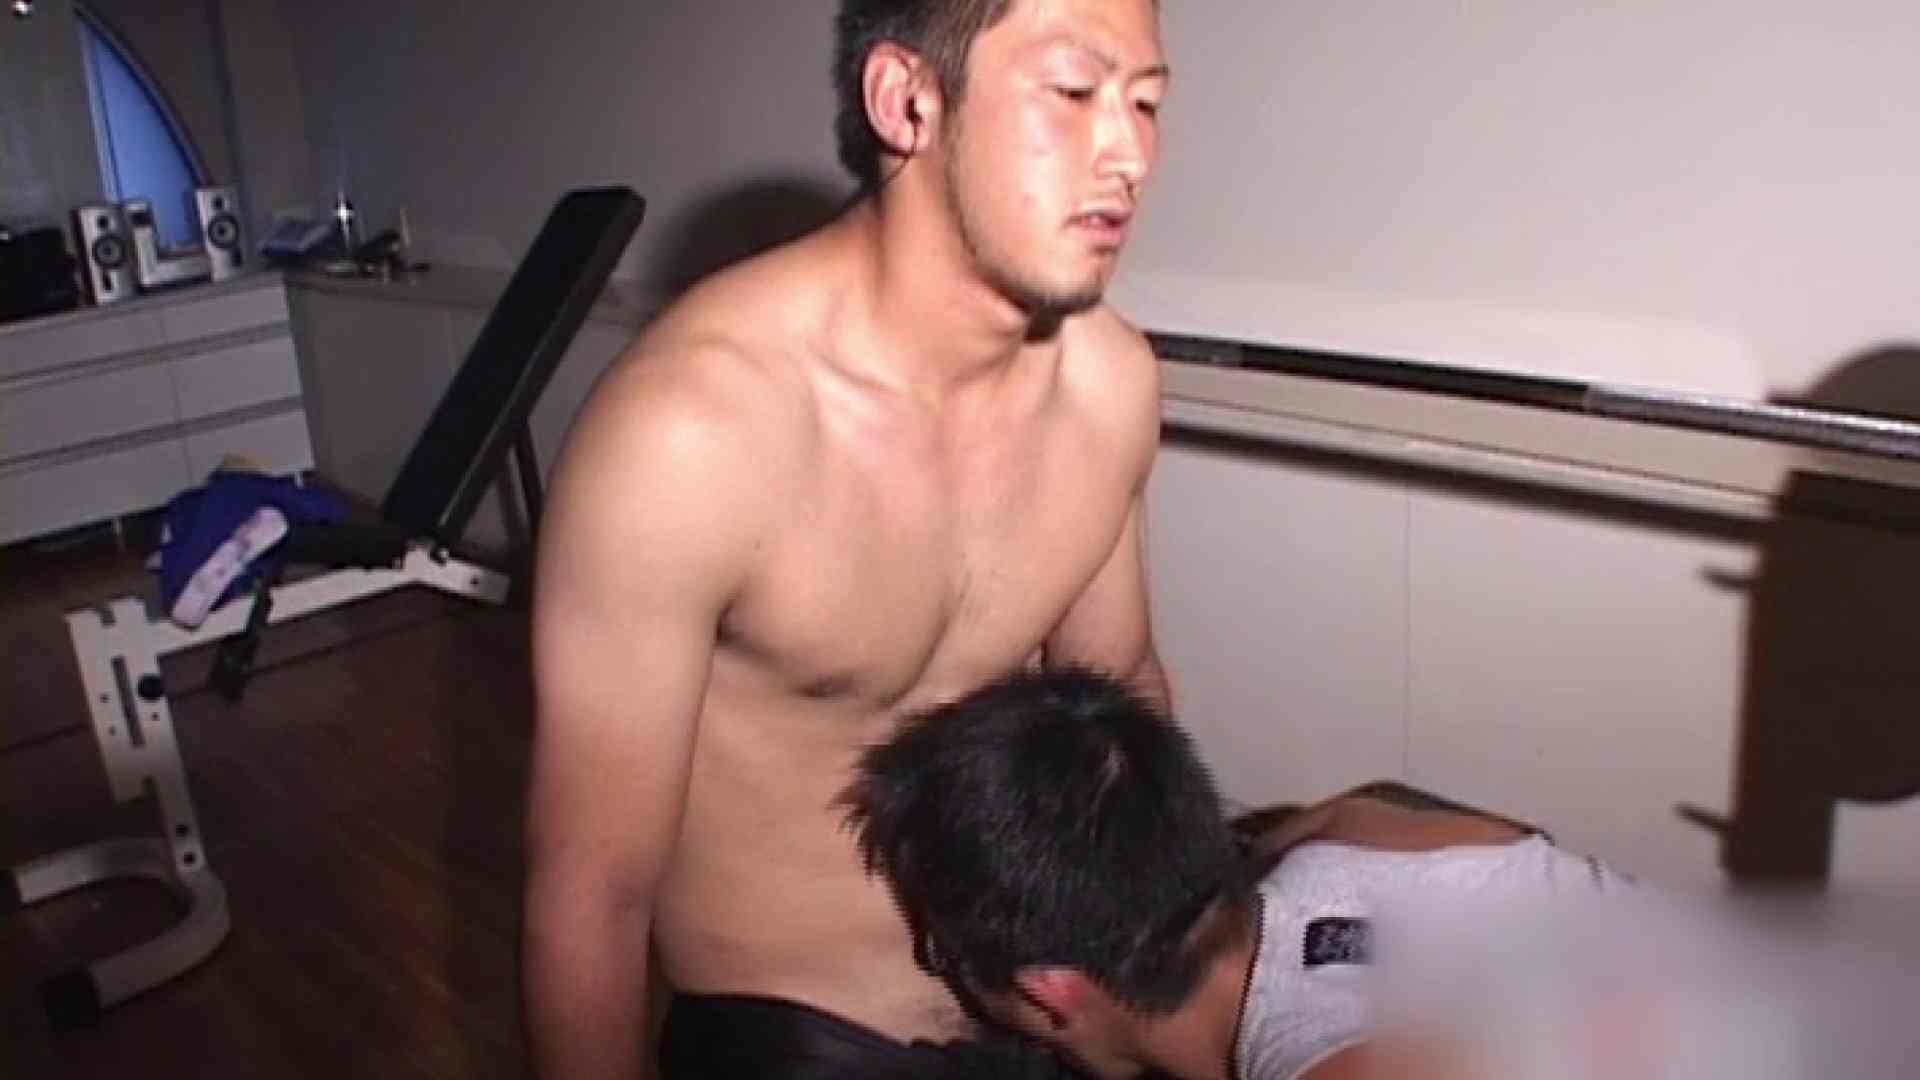 珍肉も筋肉の内!!vol.1 アナル責め ゲイ無修正動画画像 86枚 49